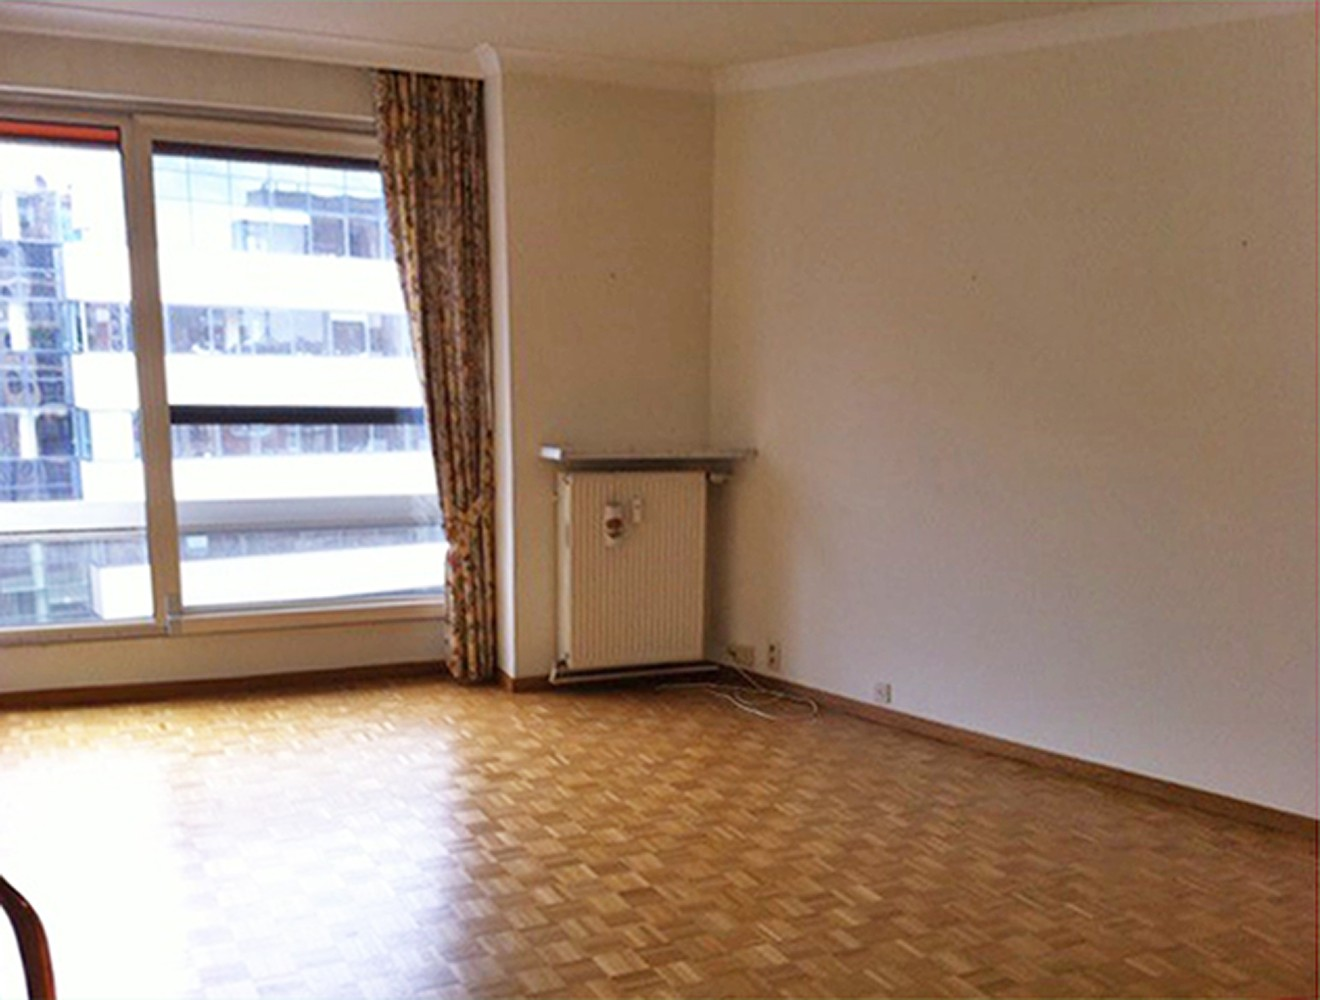 Goed onderhouden verhuurde serviceflat (58 m²) in vooraanstaande residentie te Antwerpen! afbeelding 11